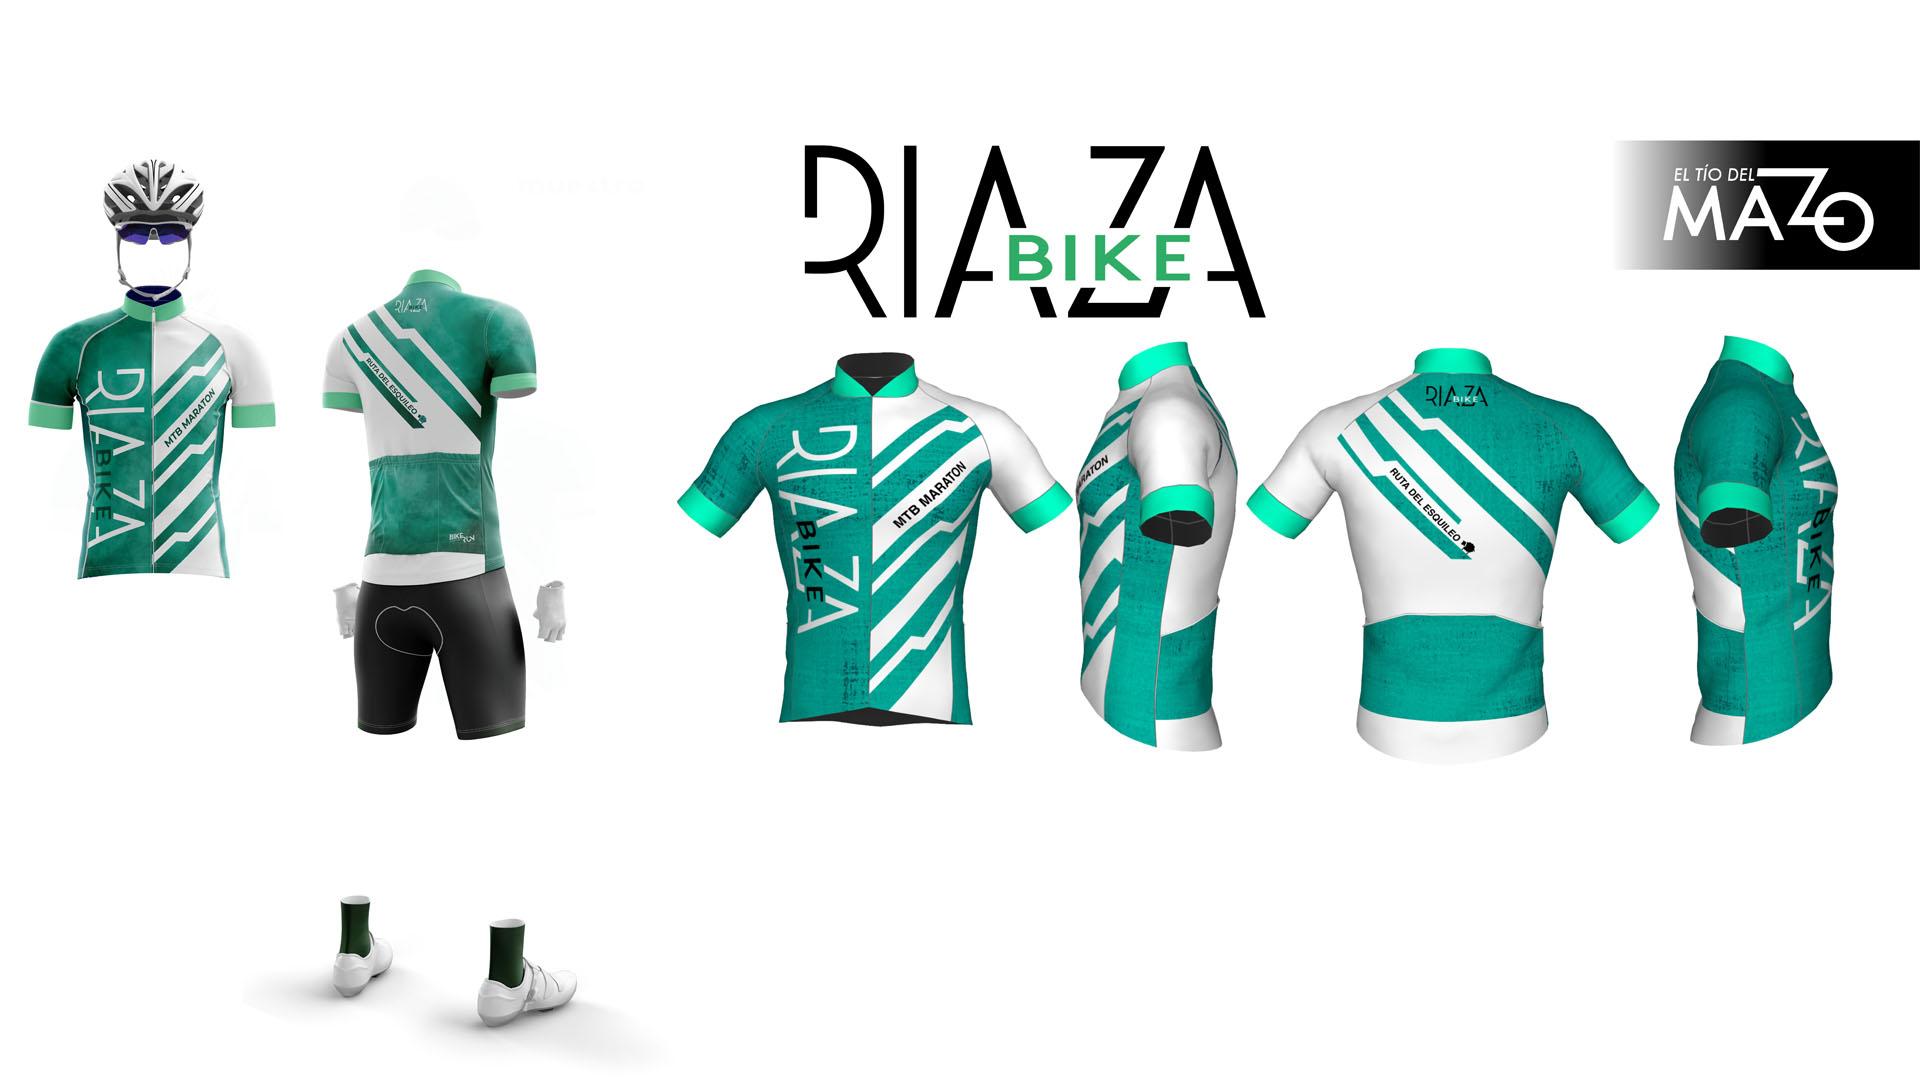 Maillot Riaza Bike